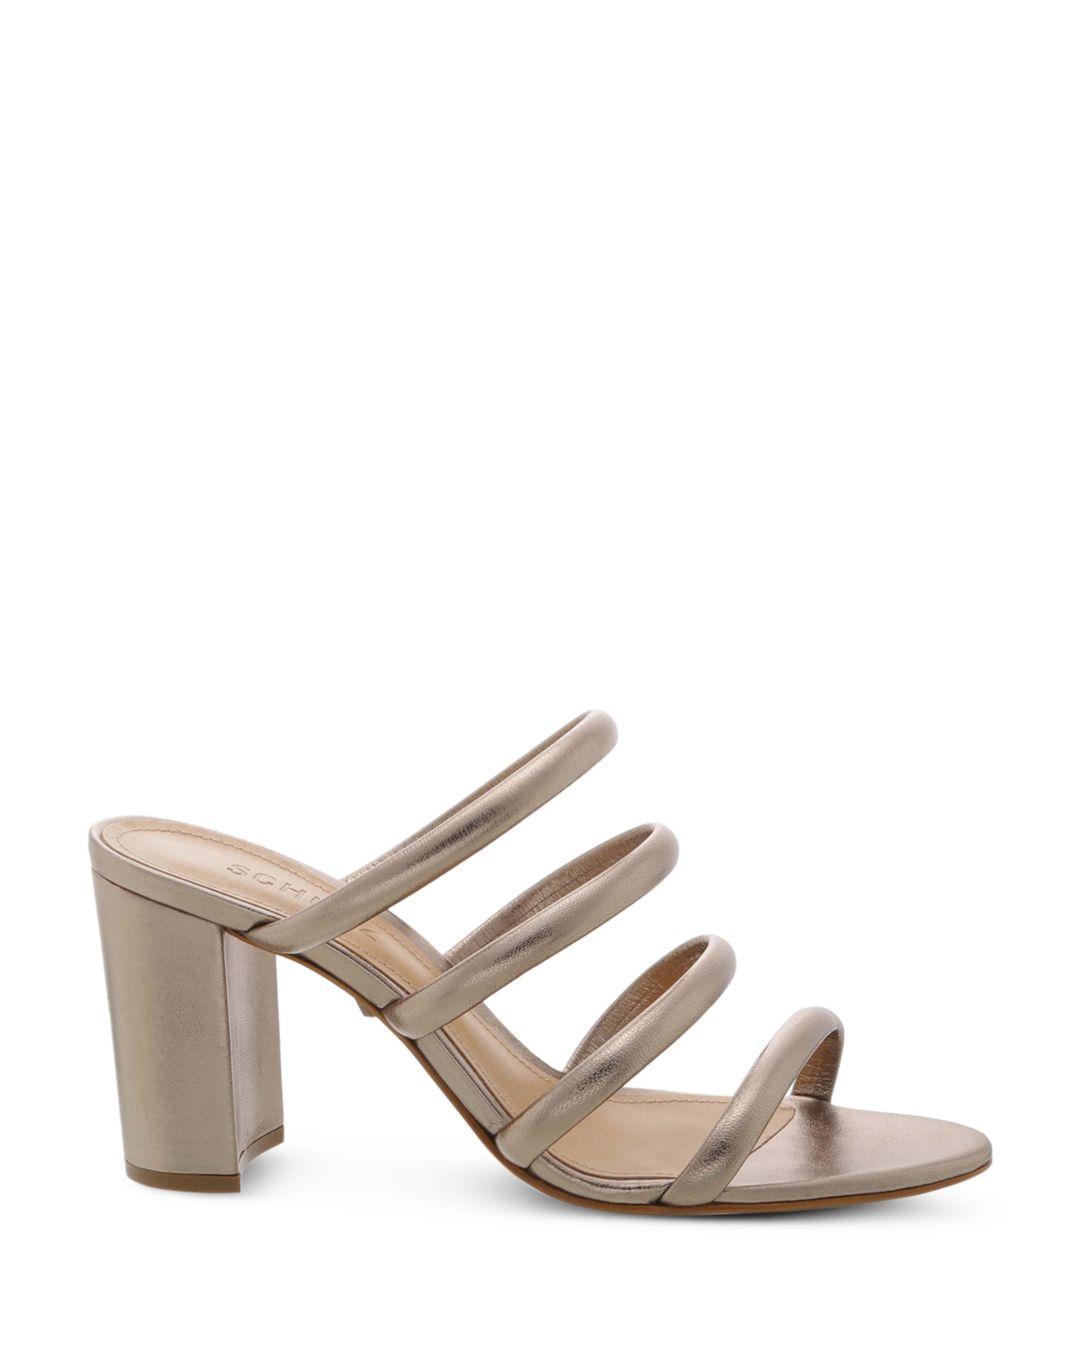 75c09470fd43 Lyst - Schutz Women s Felisa High-heel Sandals